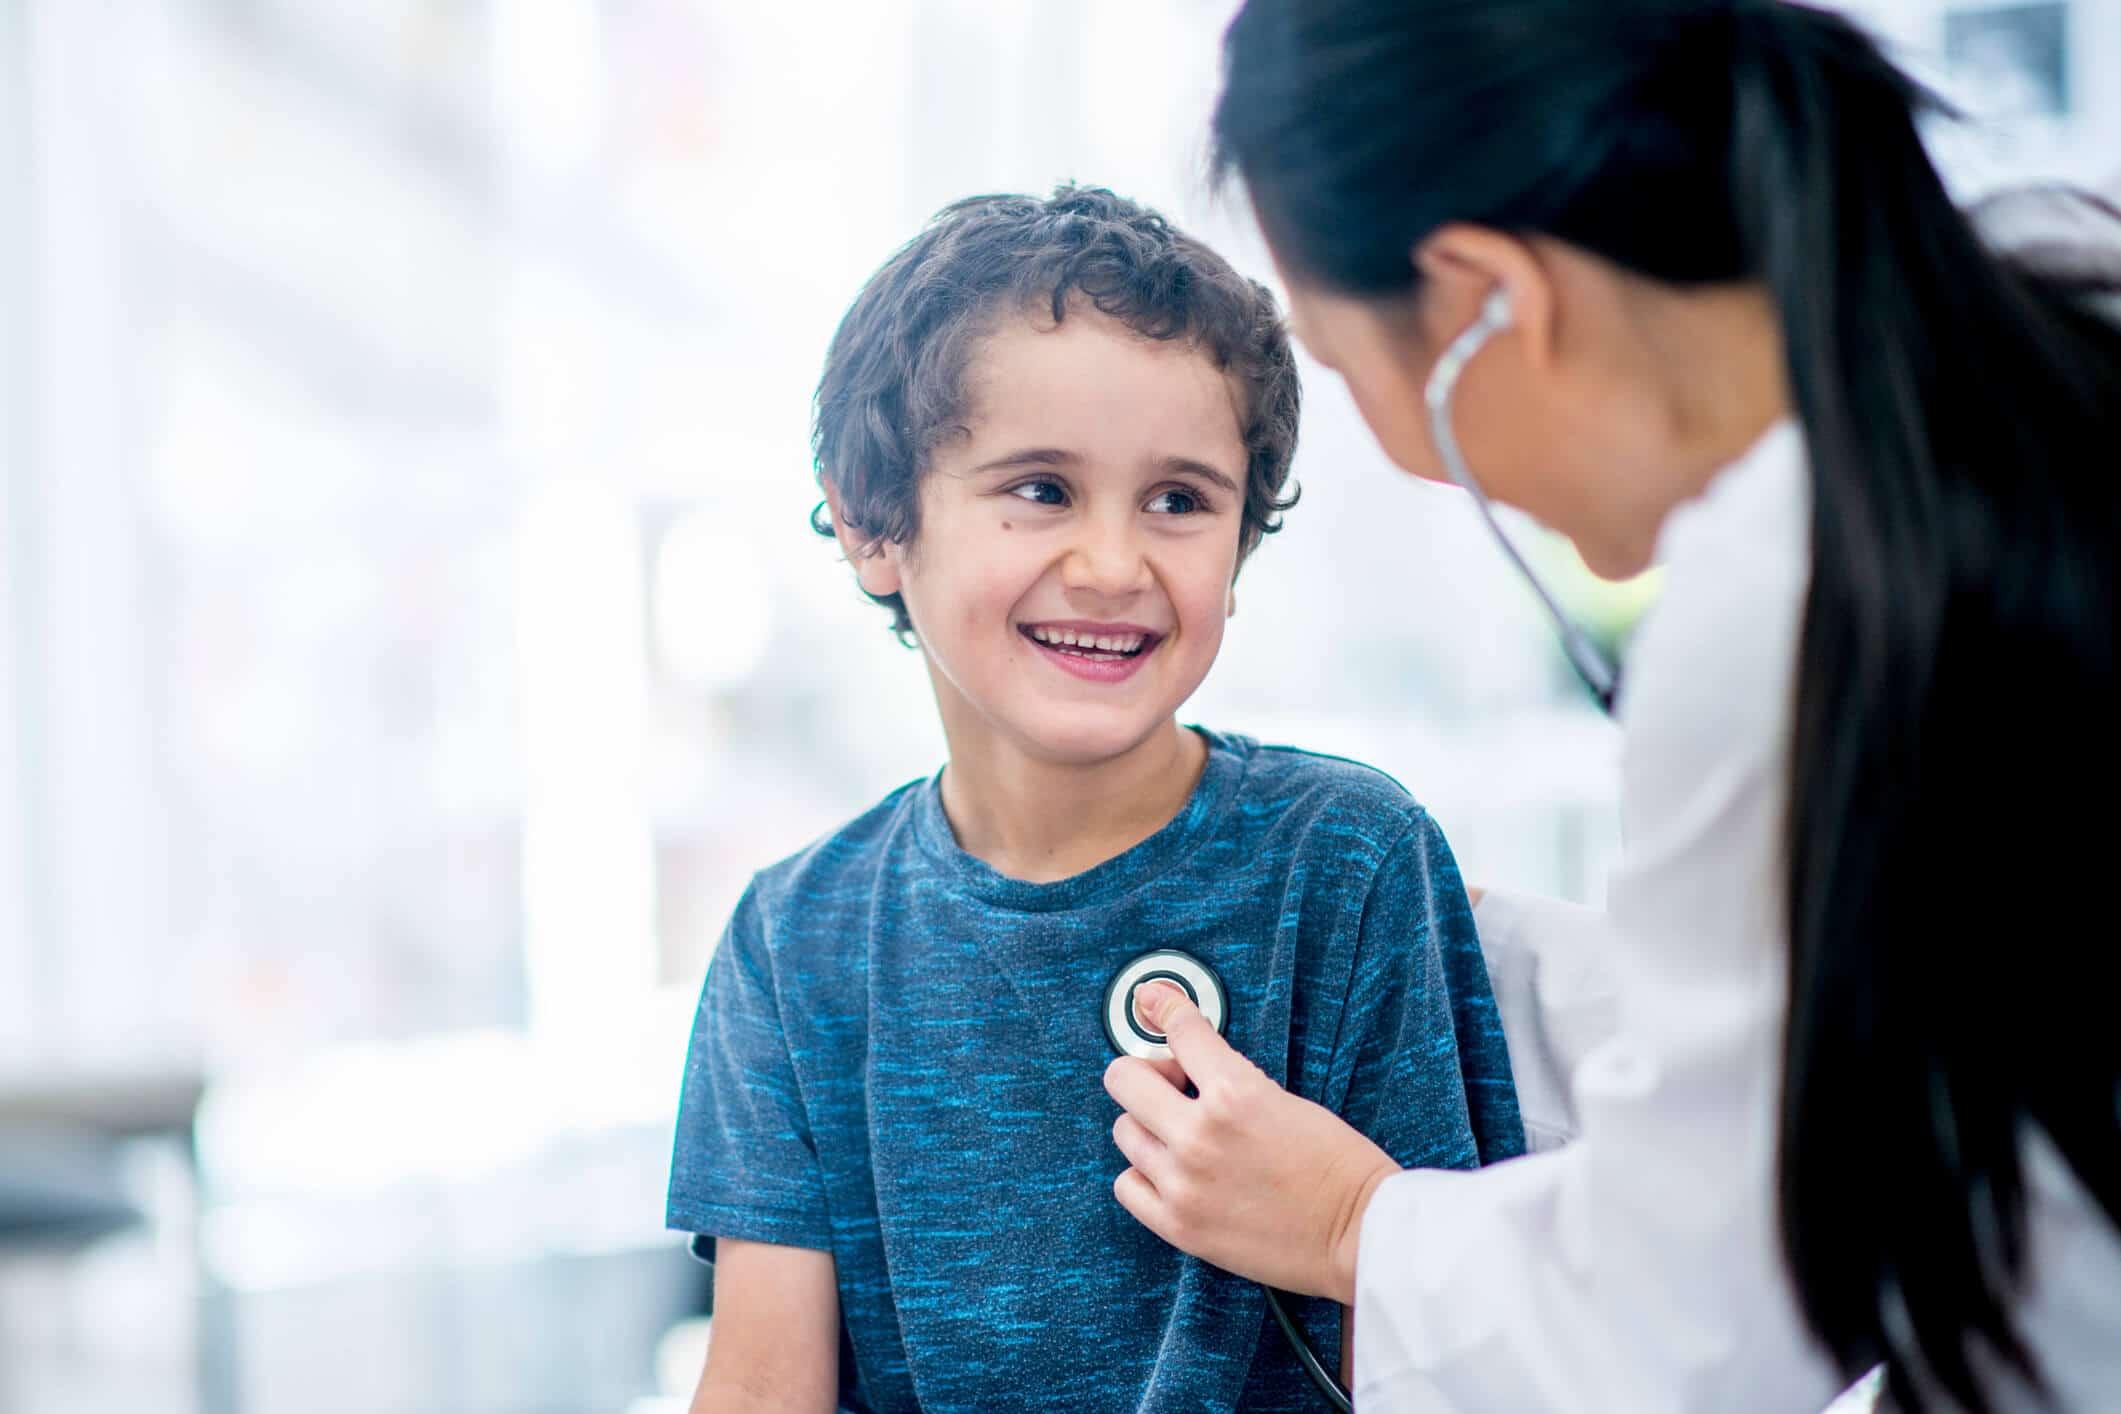 Pediatra examina menino | Como estudar pediatria e se tornar um otimo profissional